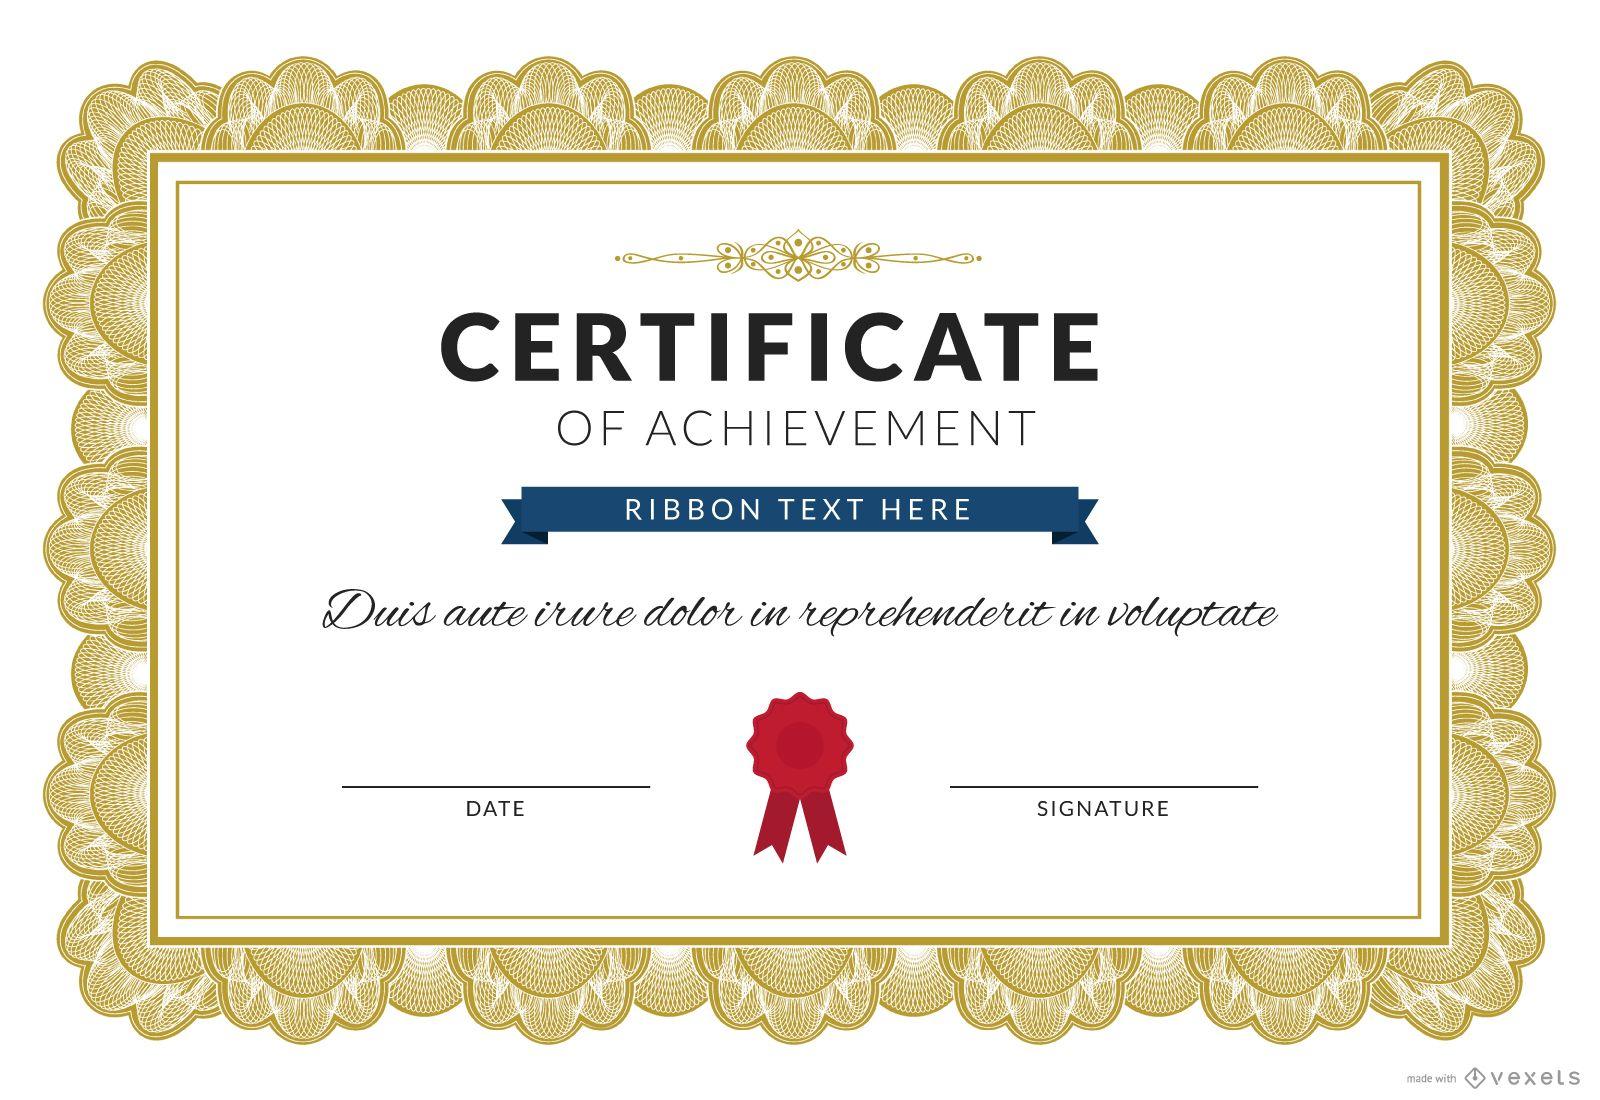 Zertifikat des Leistungsherstellers